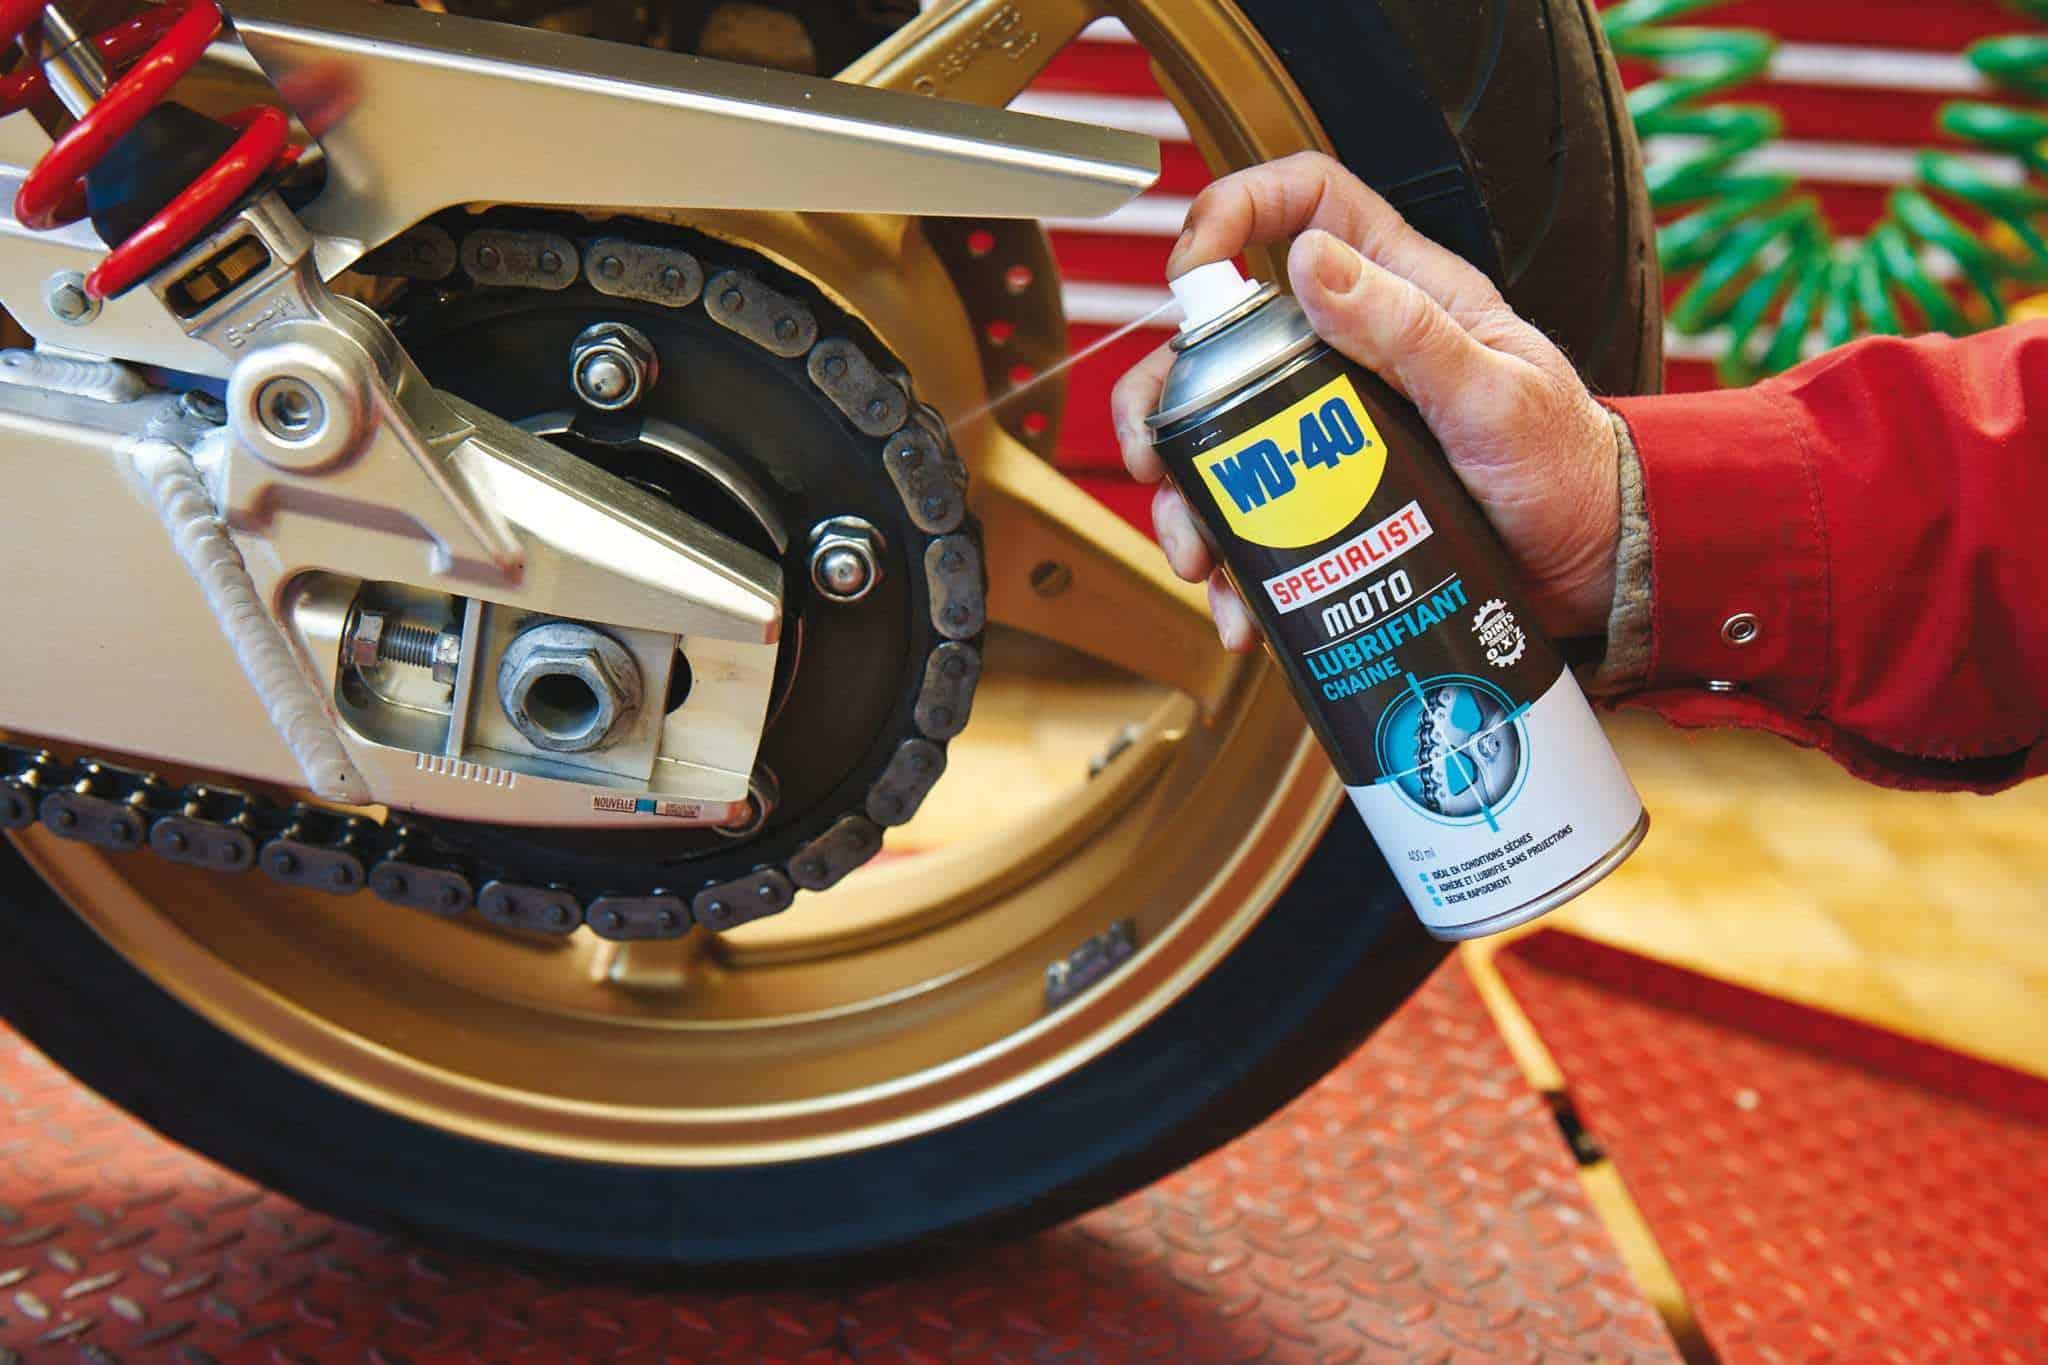 passo a passo para lubrificar a corrente da moto